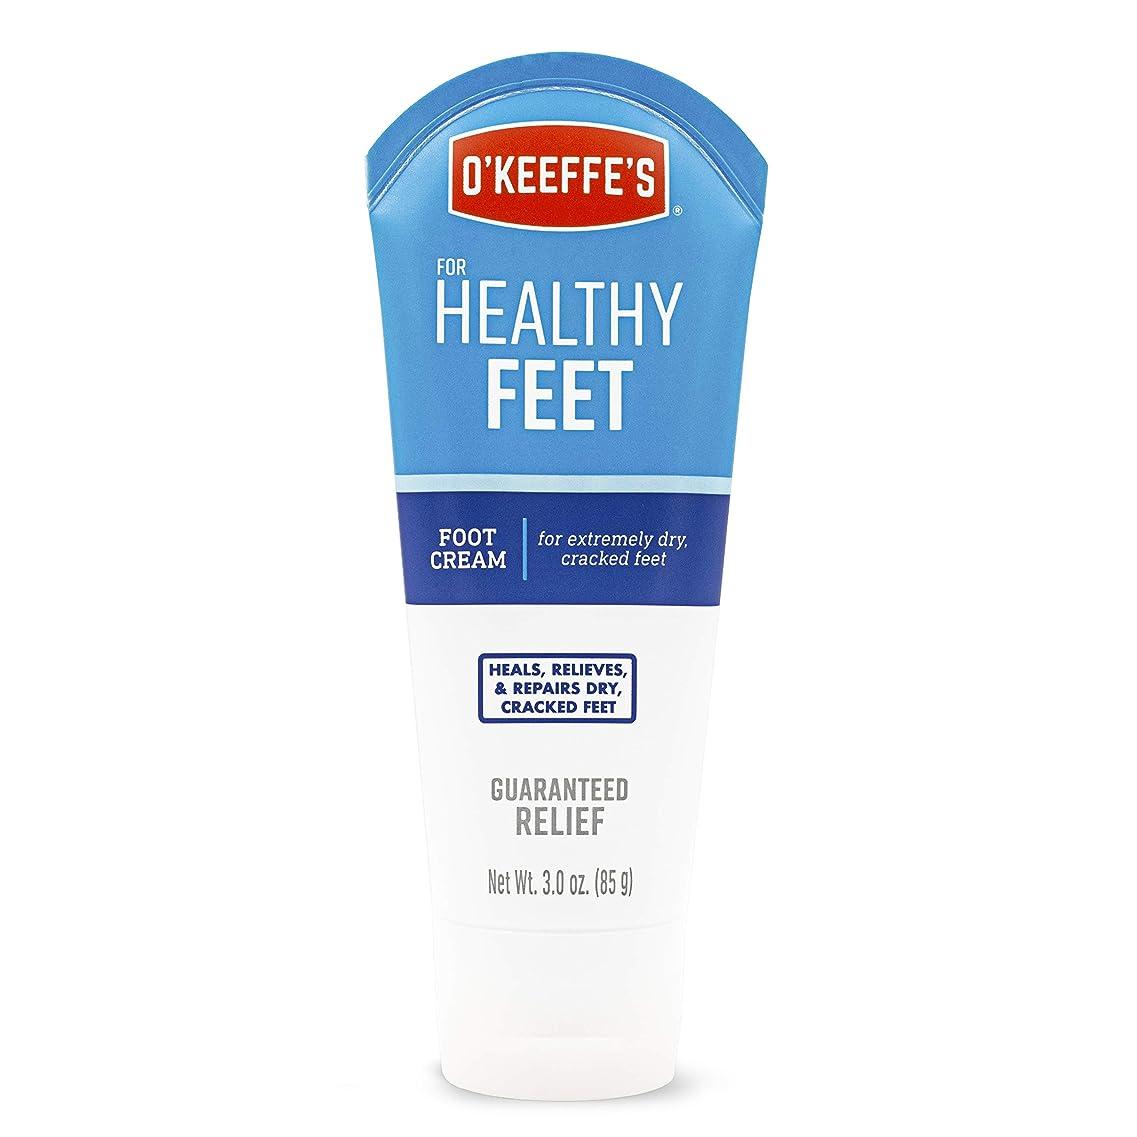 展開するプロフィールおんどりオキーフス ワーキングフィートクリーム チューブ  85g 1点 (並行輸入品) O'Keeffe's Working Feet Tube Cream 3oz